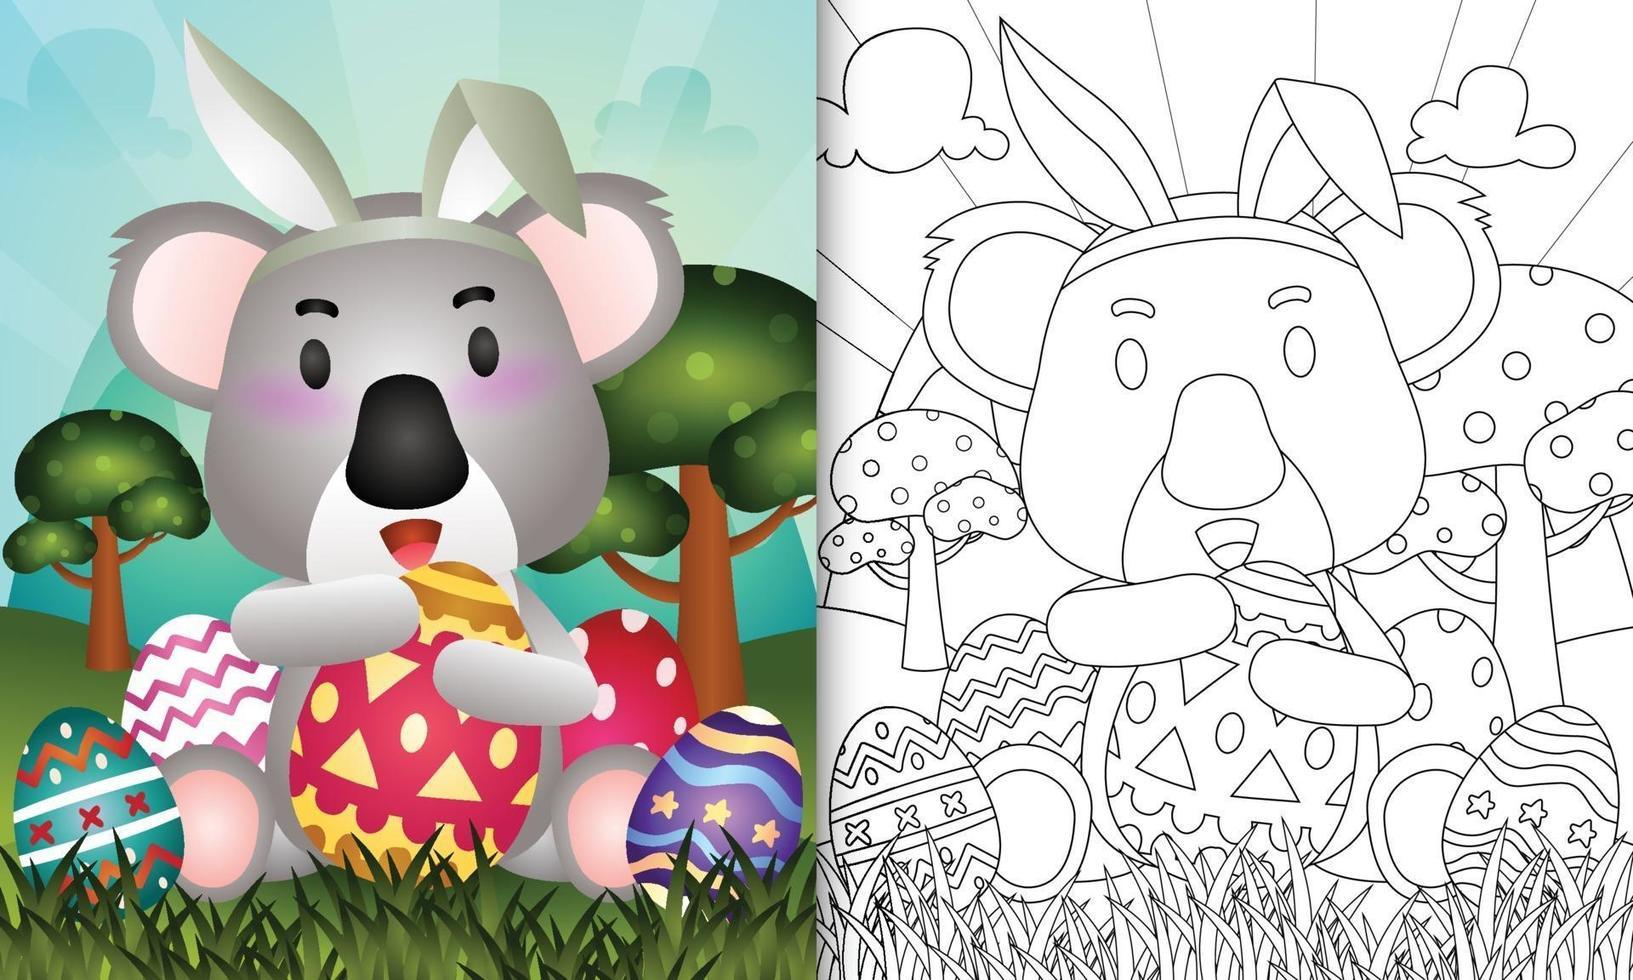 livro de colorir para crianças com o tema Páscoa com um coala fofo usando tiaras de orelhas de coelho abraçando ovos vetor